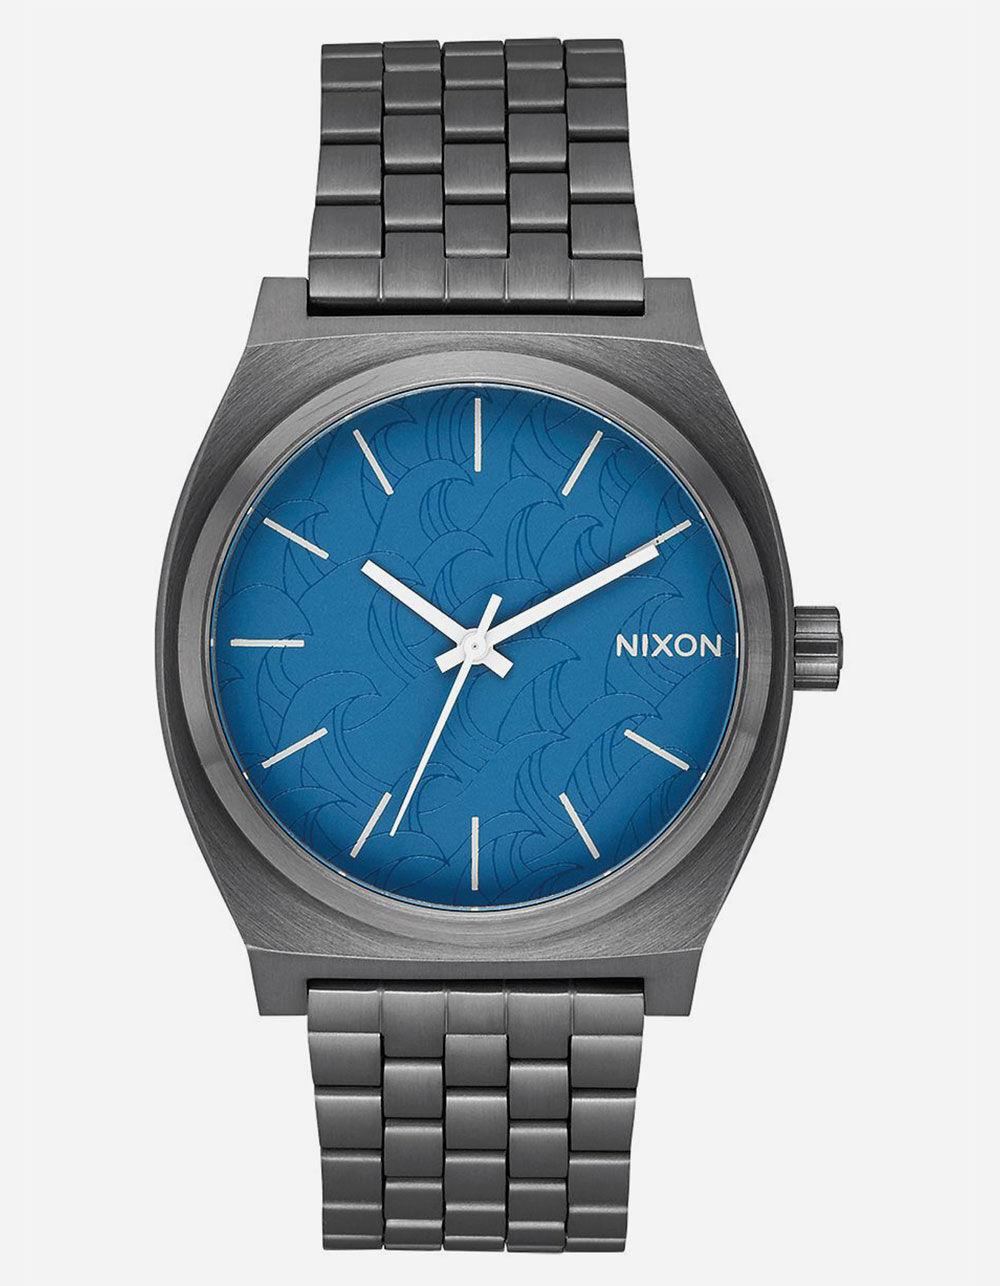 NIXON TIME TELLER NAVY & GUNMETAL WATCH